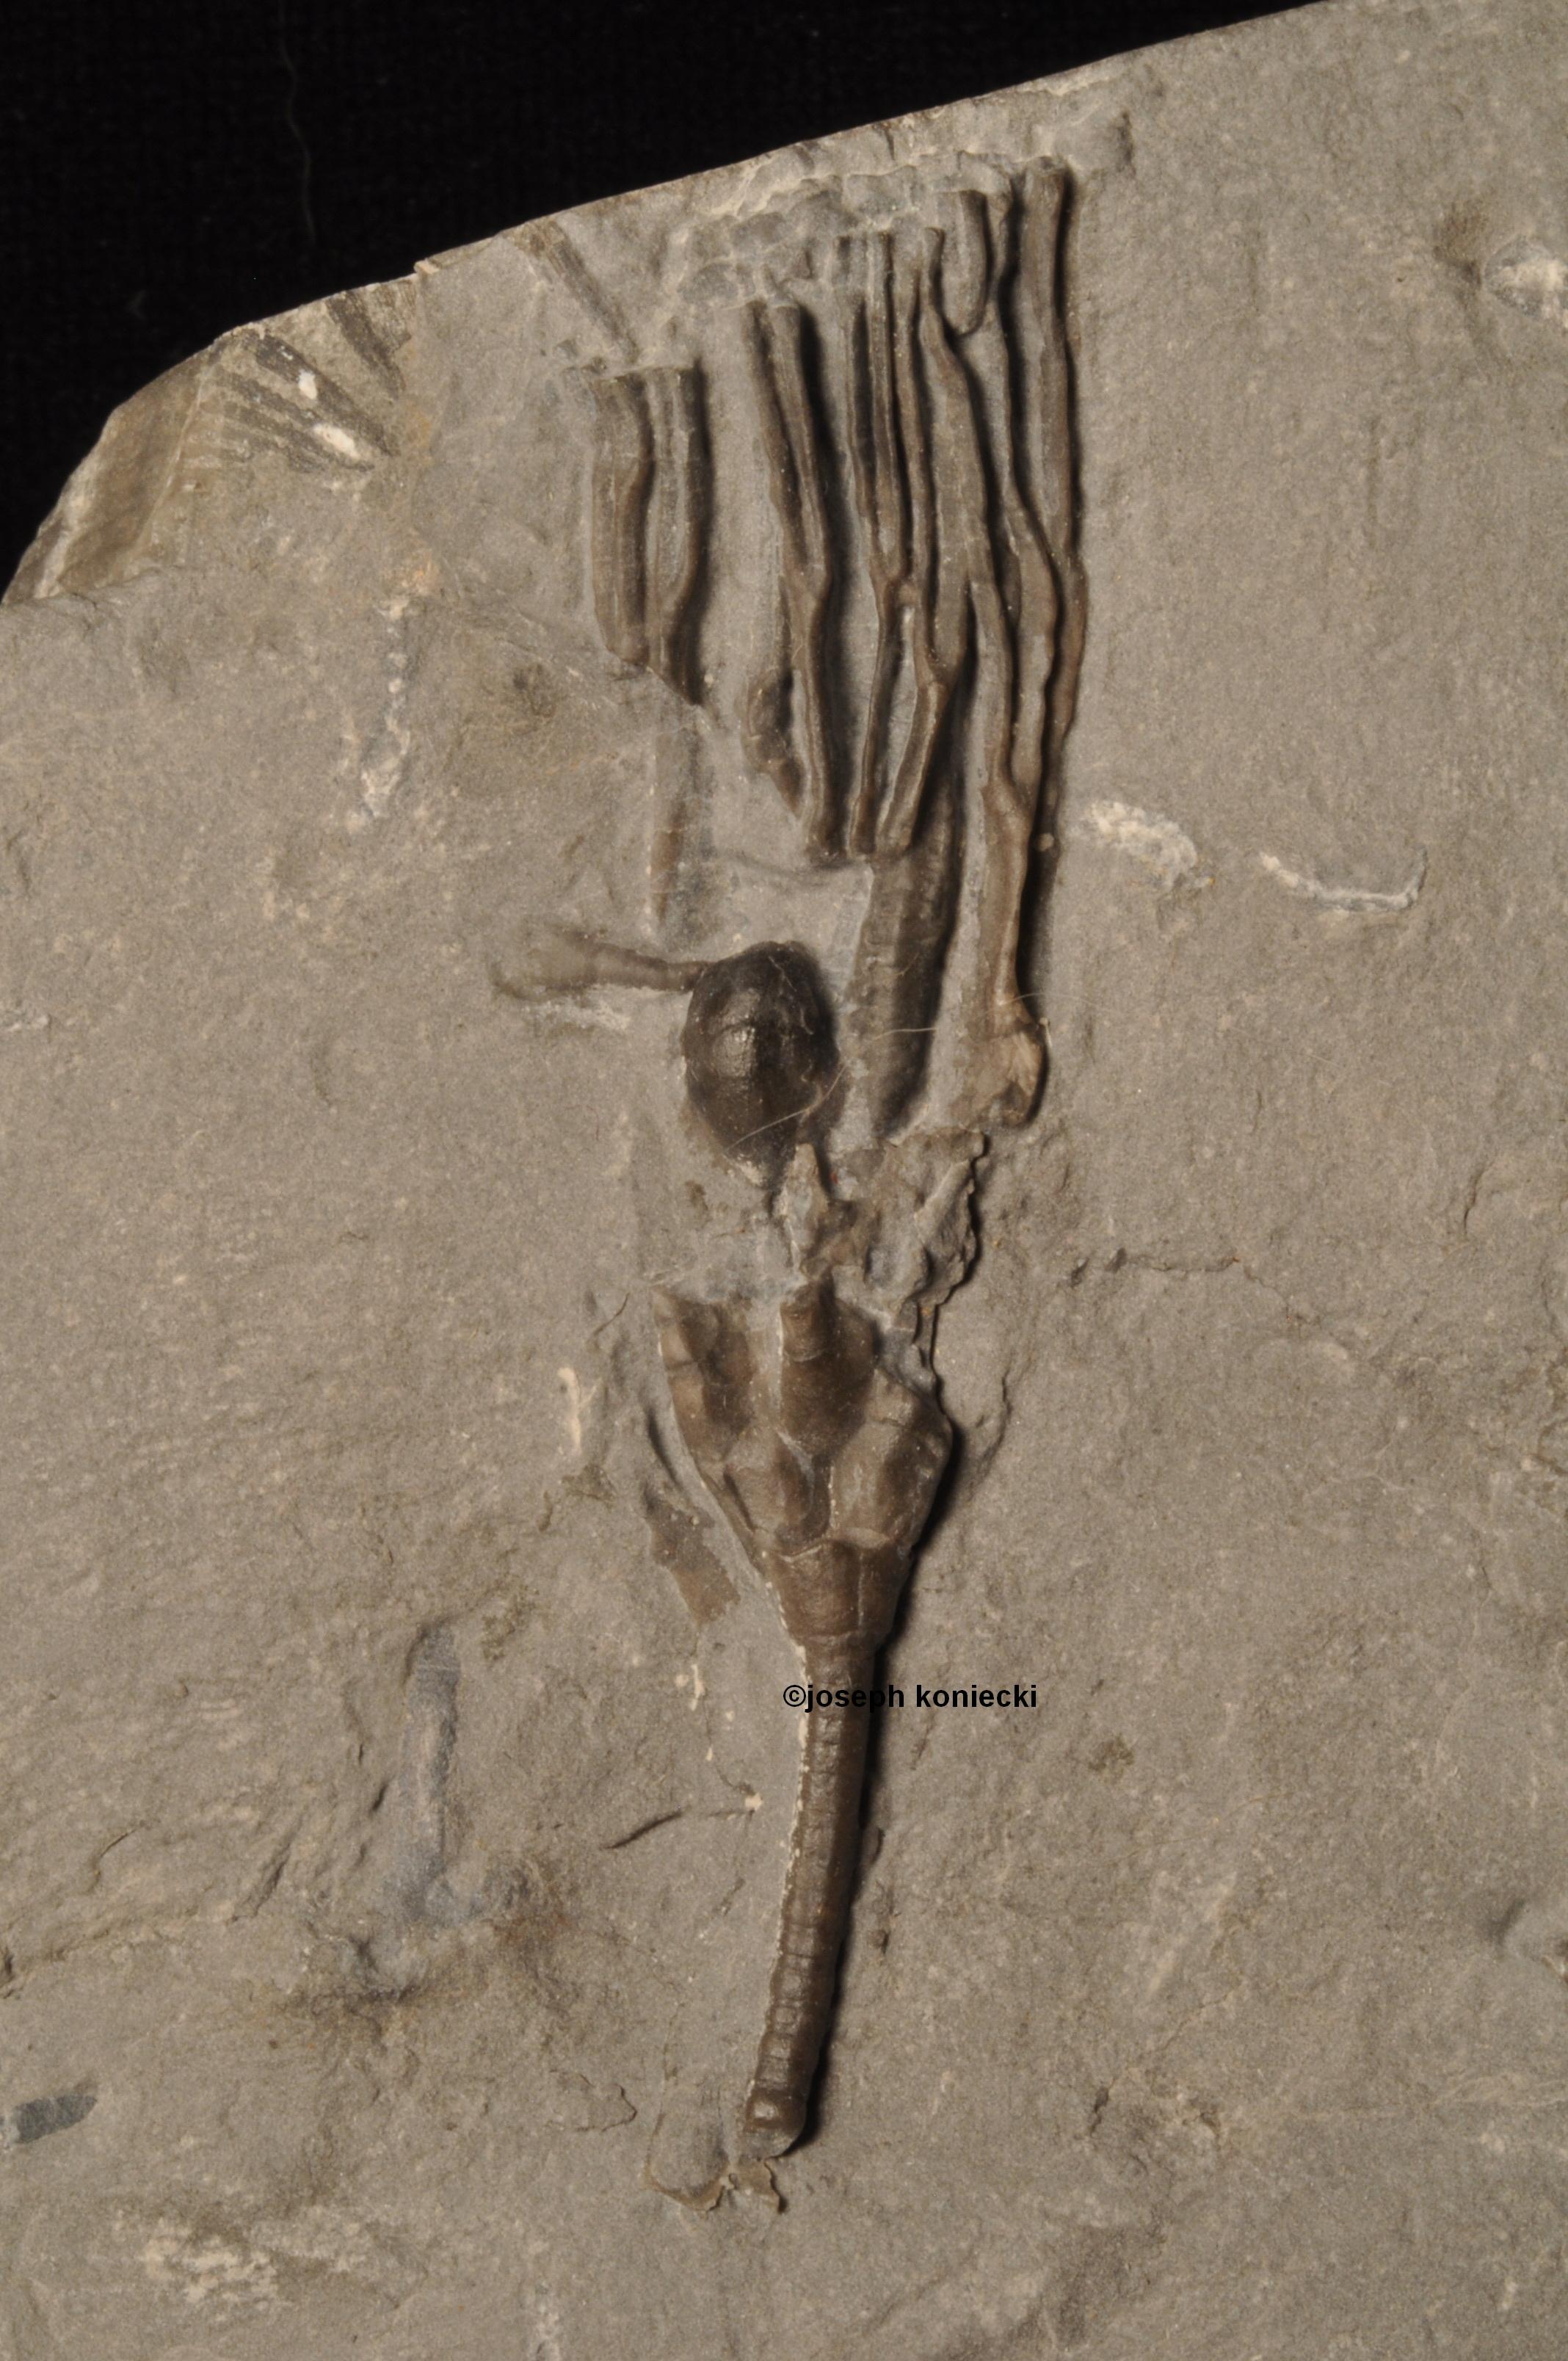 Dendrocrinus